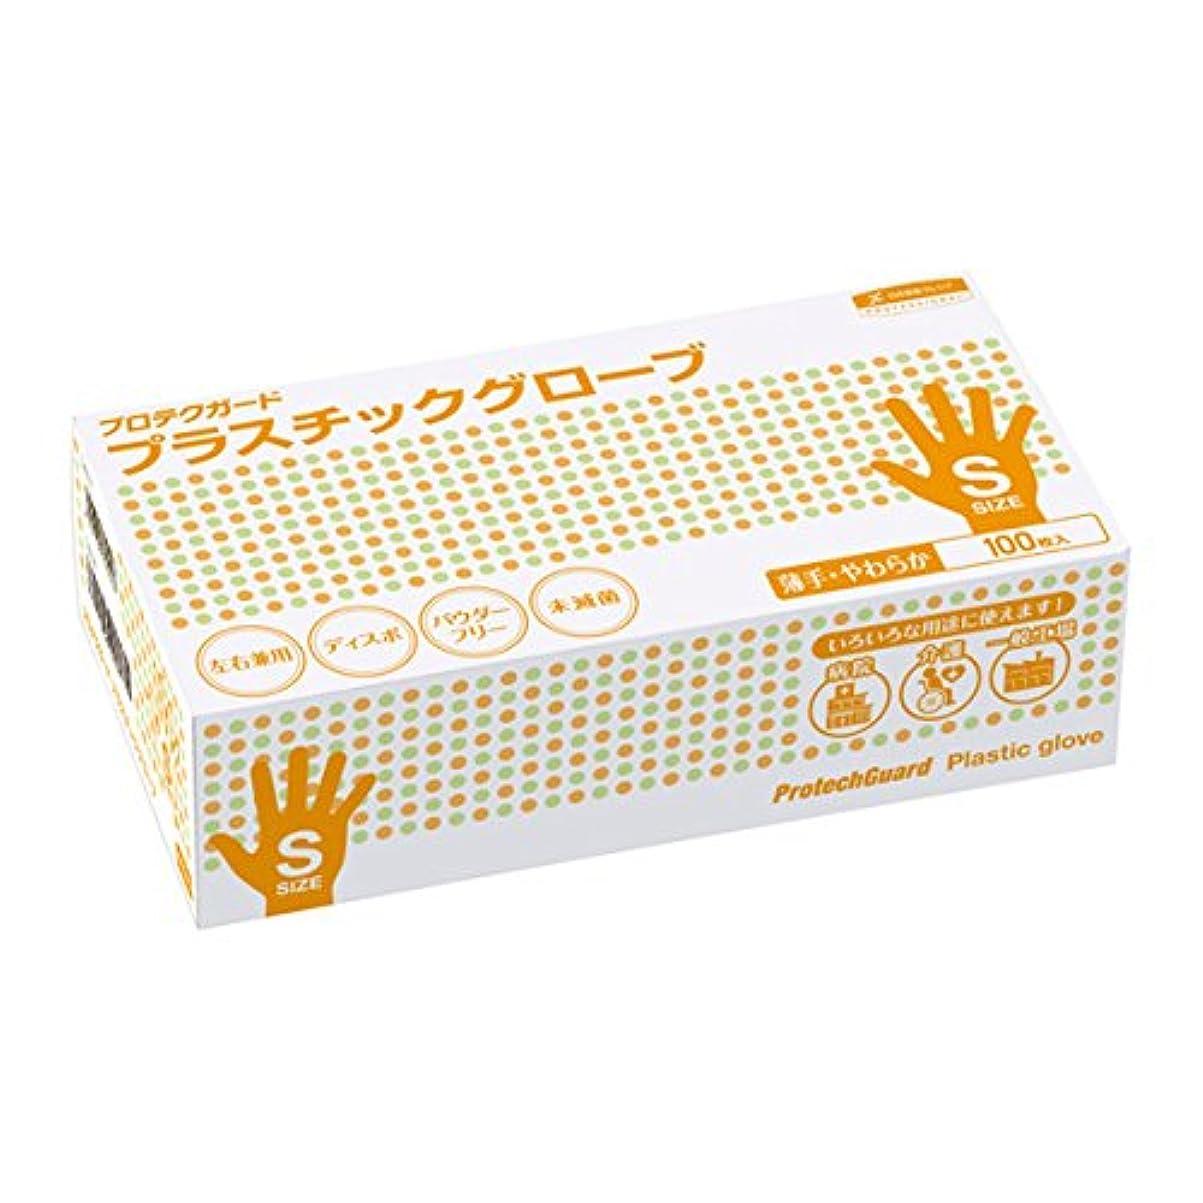 ギネス教授繁栄する日本製紙クレシア:プロテクガード プラスチックグローブ Sサイズ 100枚×10ボックス